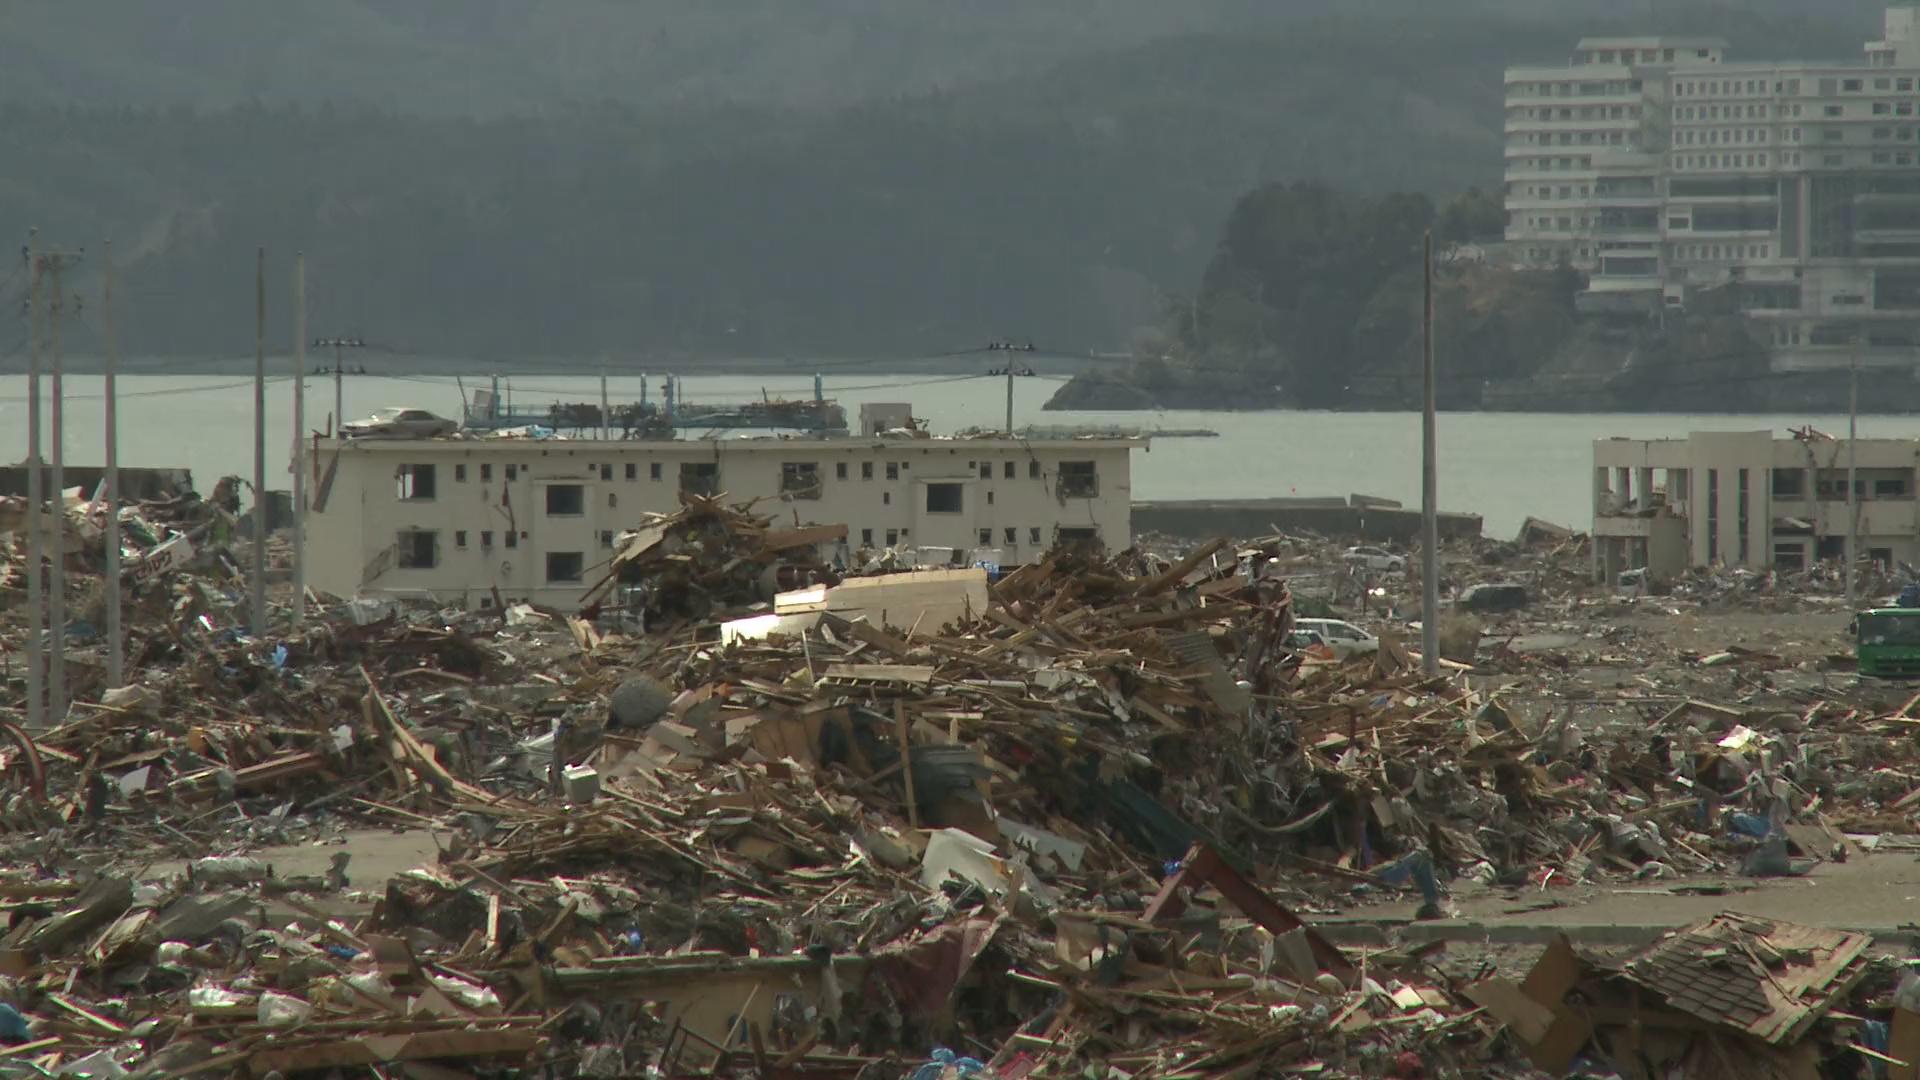 tsunami in japan in 2011 250 words